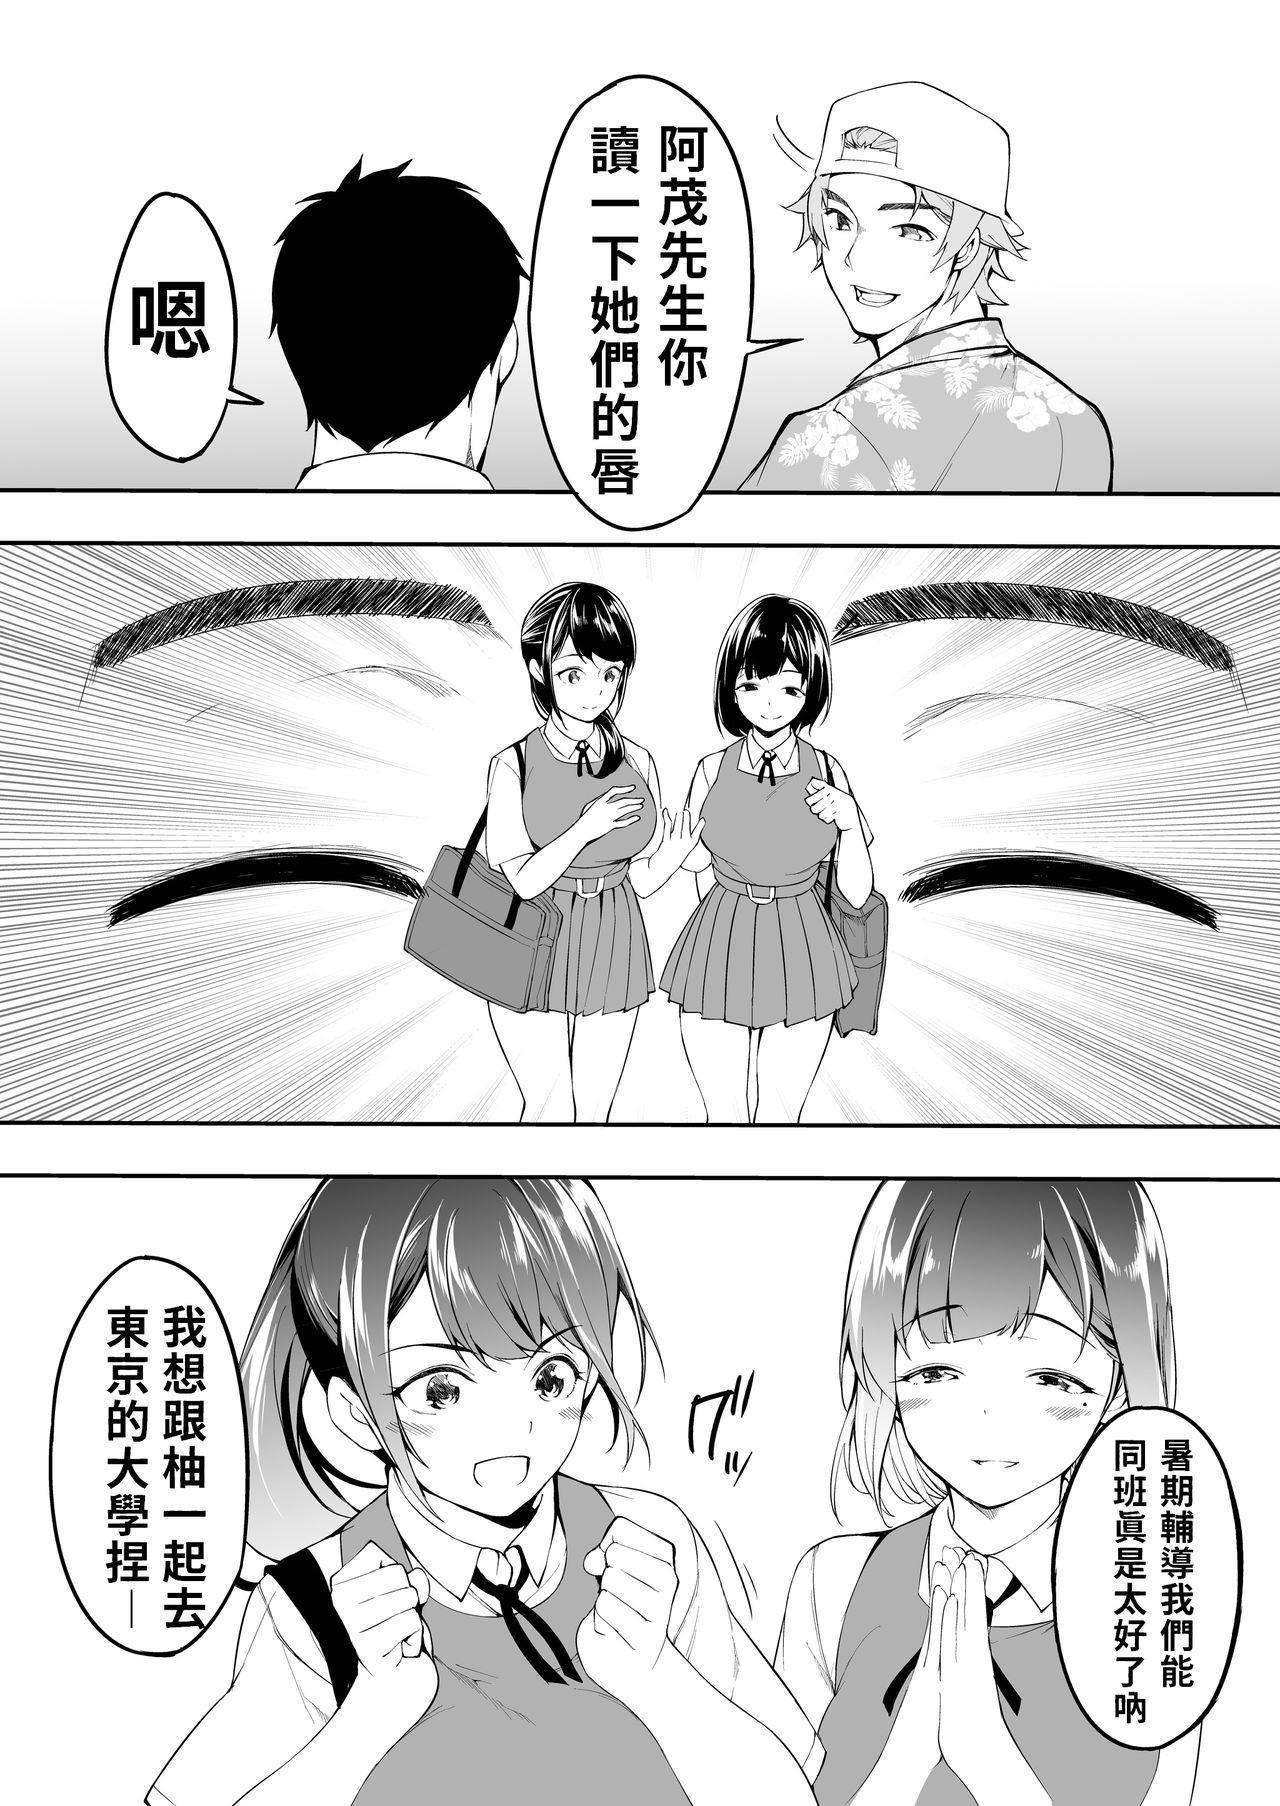 Panpan Travelers Hakata Shuudan Rape Ryokou | 吃飯兼炒飯TRAVELERS~博多集團強●旅行 46